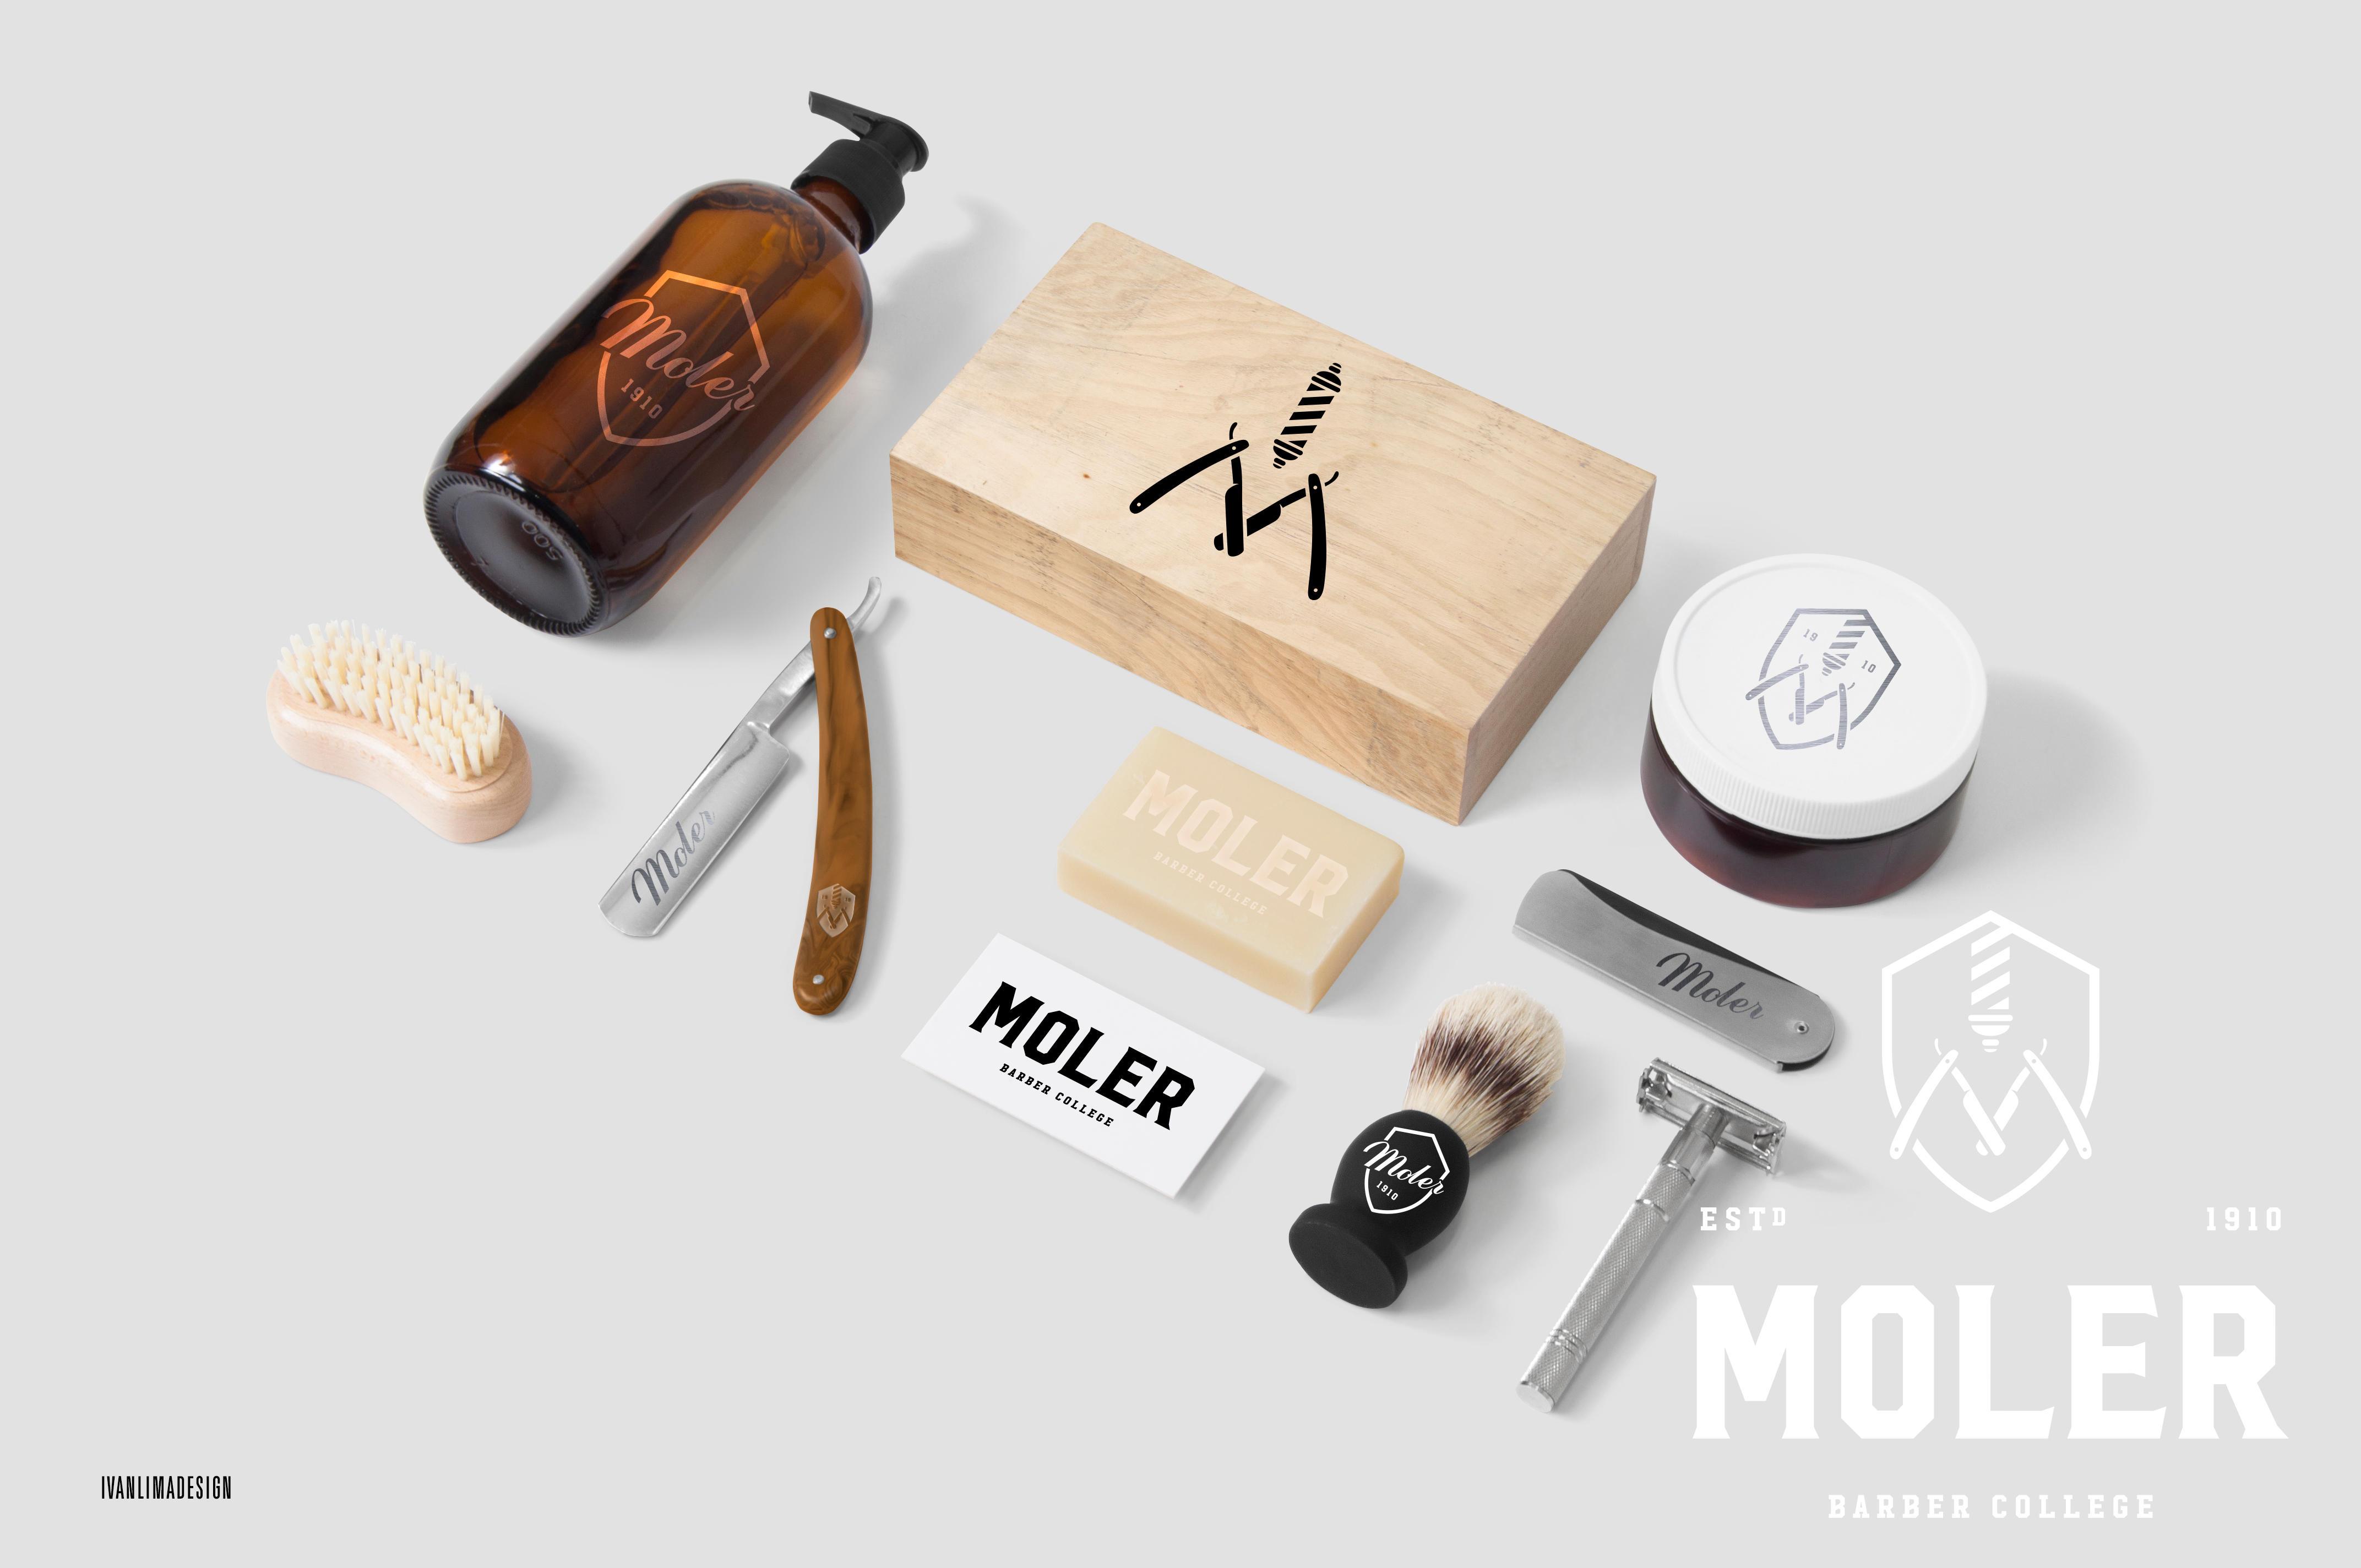 Moler Barber College image 2